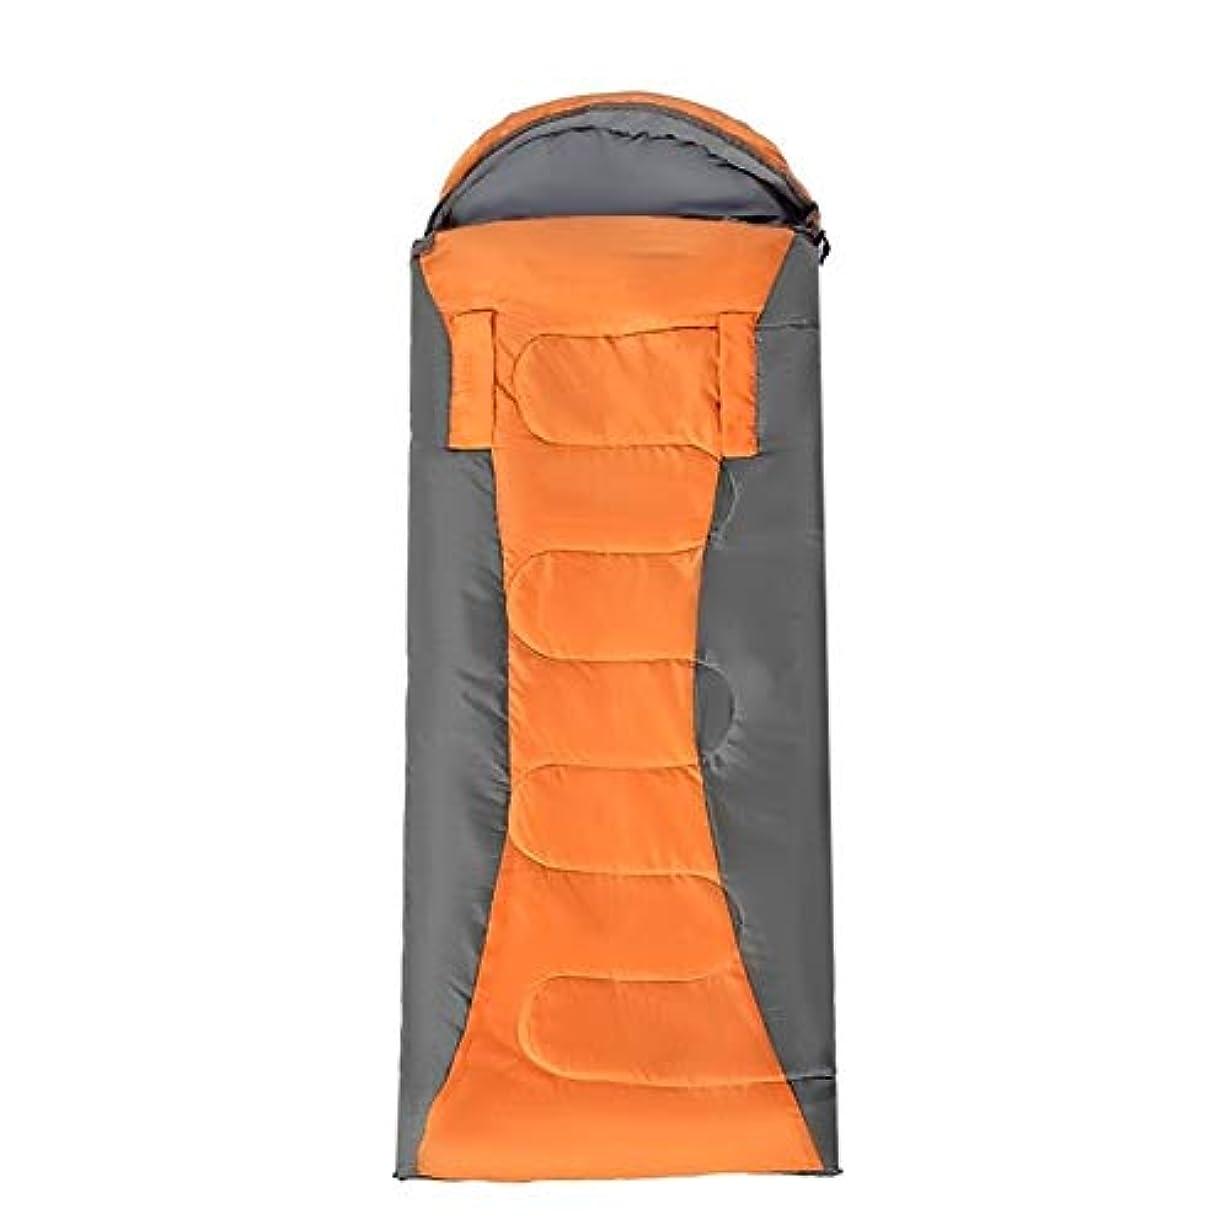 寛容厄介な泥棒YLIAN 寝袋 大人のための軽量スリーピングバッグは天気防水暖かいキャンプバッグコットンキルトがアウトに達することができるスリーピングクール (Color : A)